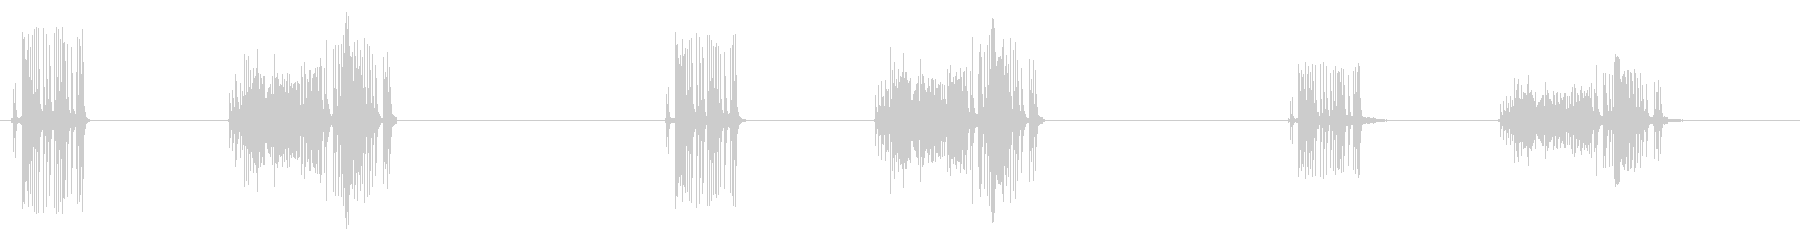 スプリングテンション-スクレーパー...の未再生の波形